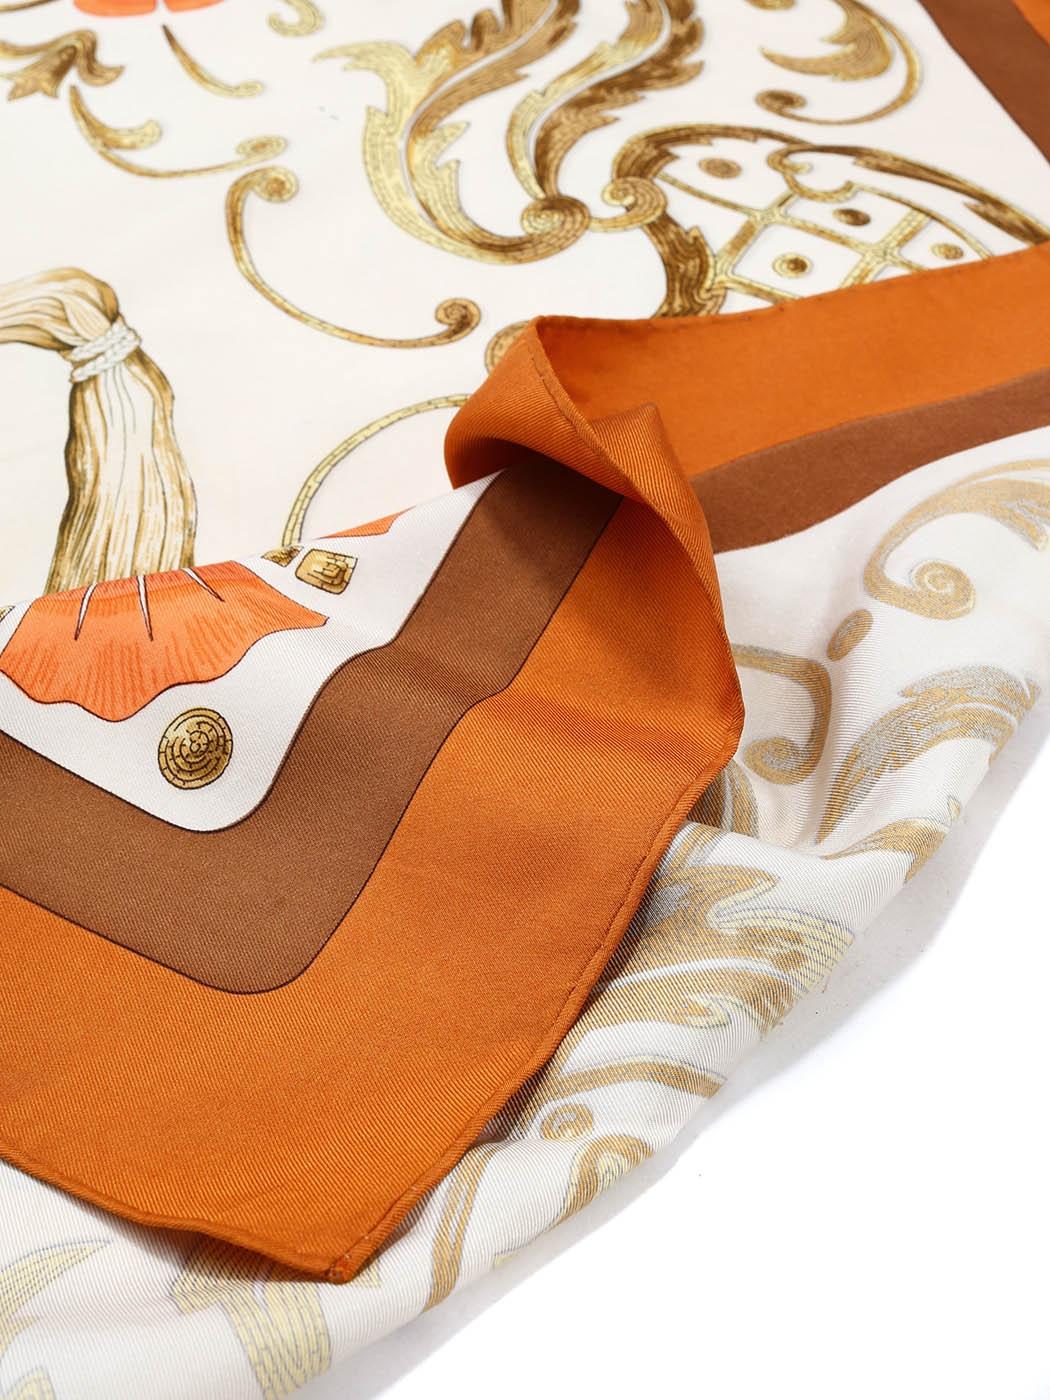 b930205849 ... Foulard carré en twill de soie CHEVAL TURC Prix boutique 350€ Taille 90  x 90